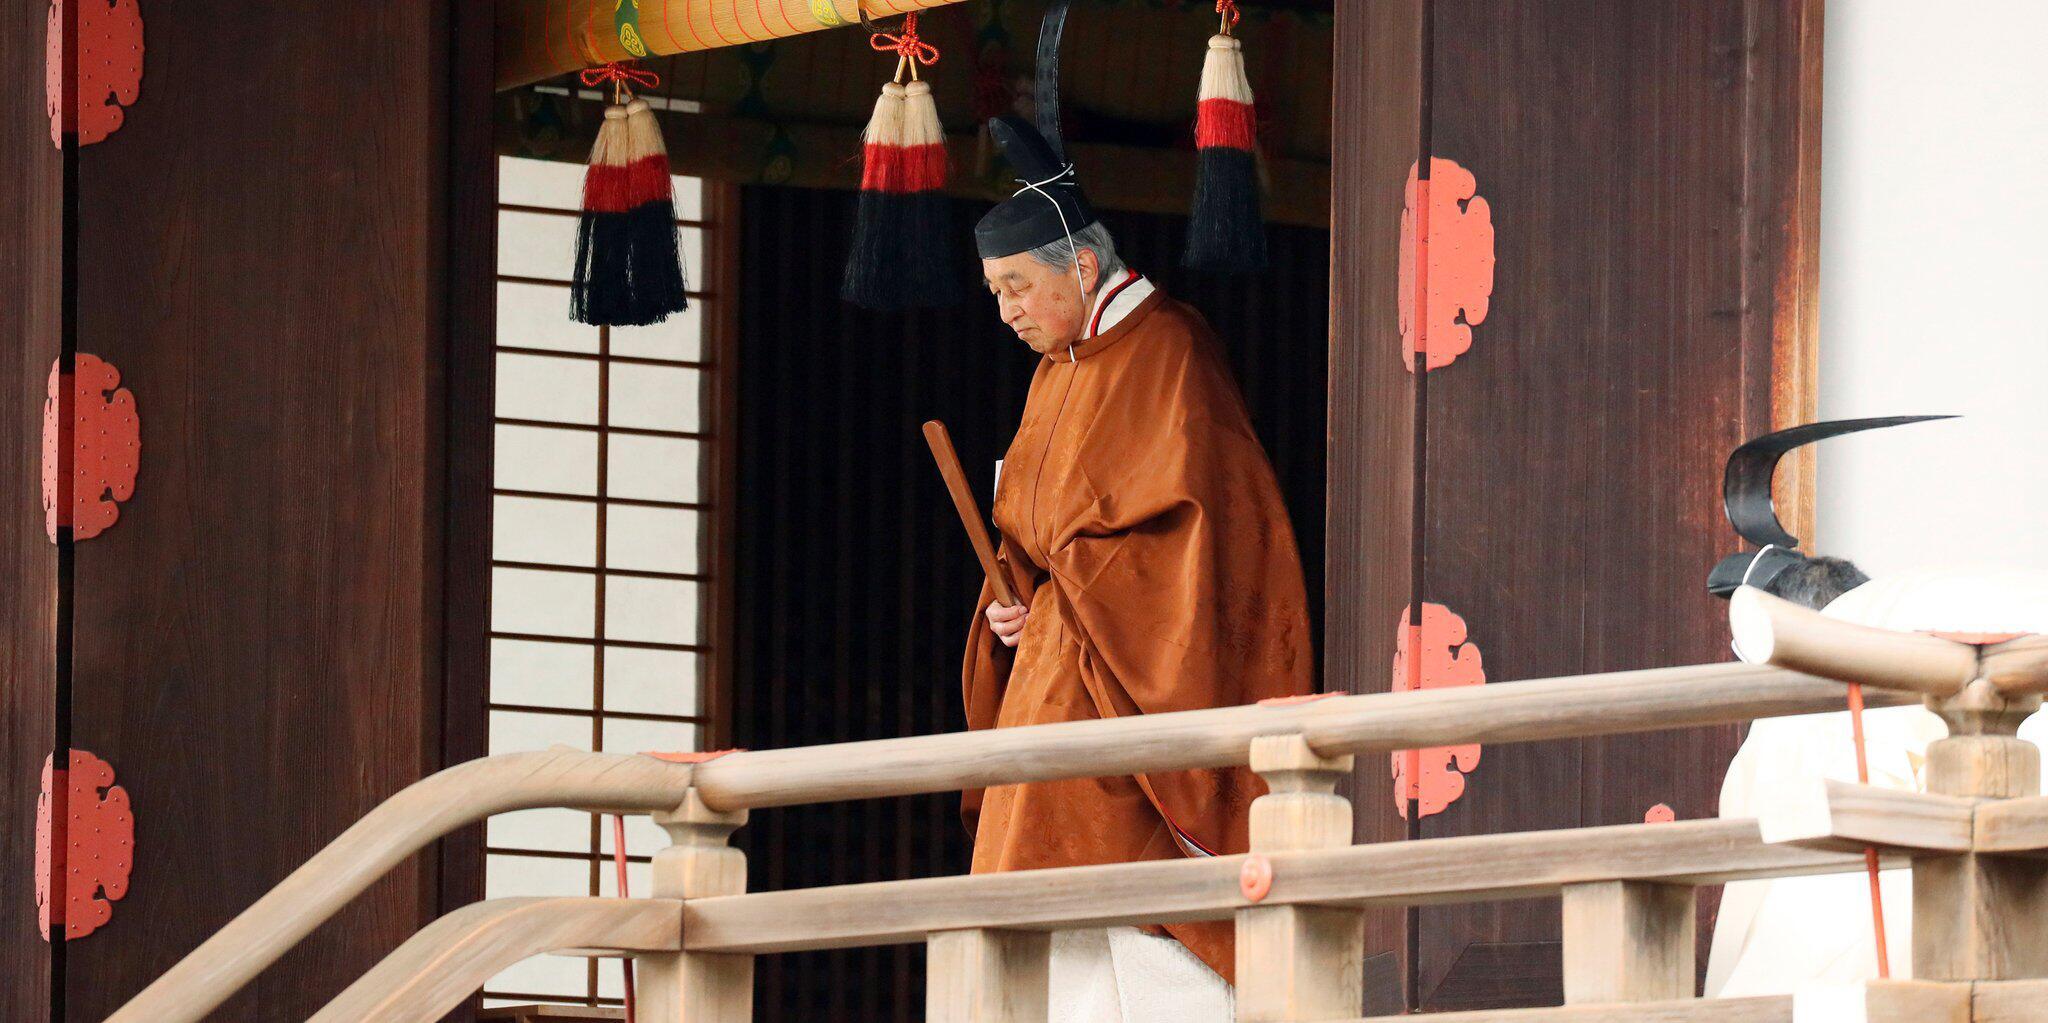 Bild zu Abdankung von Kaiser Akihito